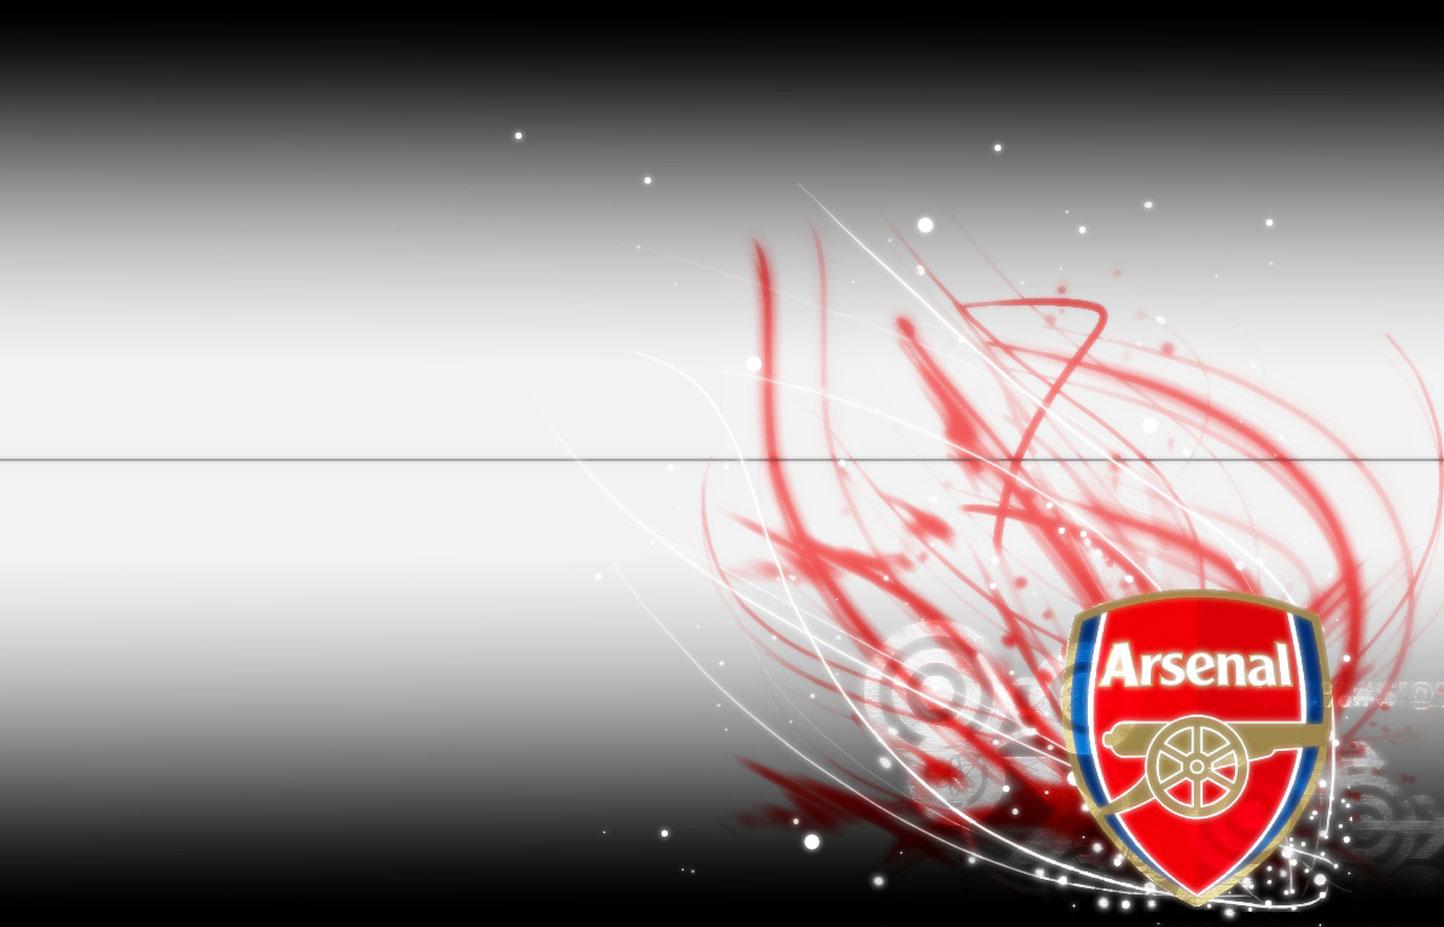 arsenal logo wallpaper arsenal f c